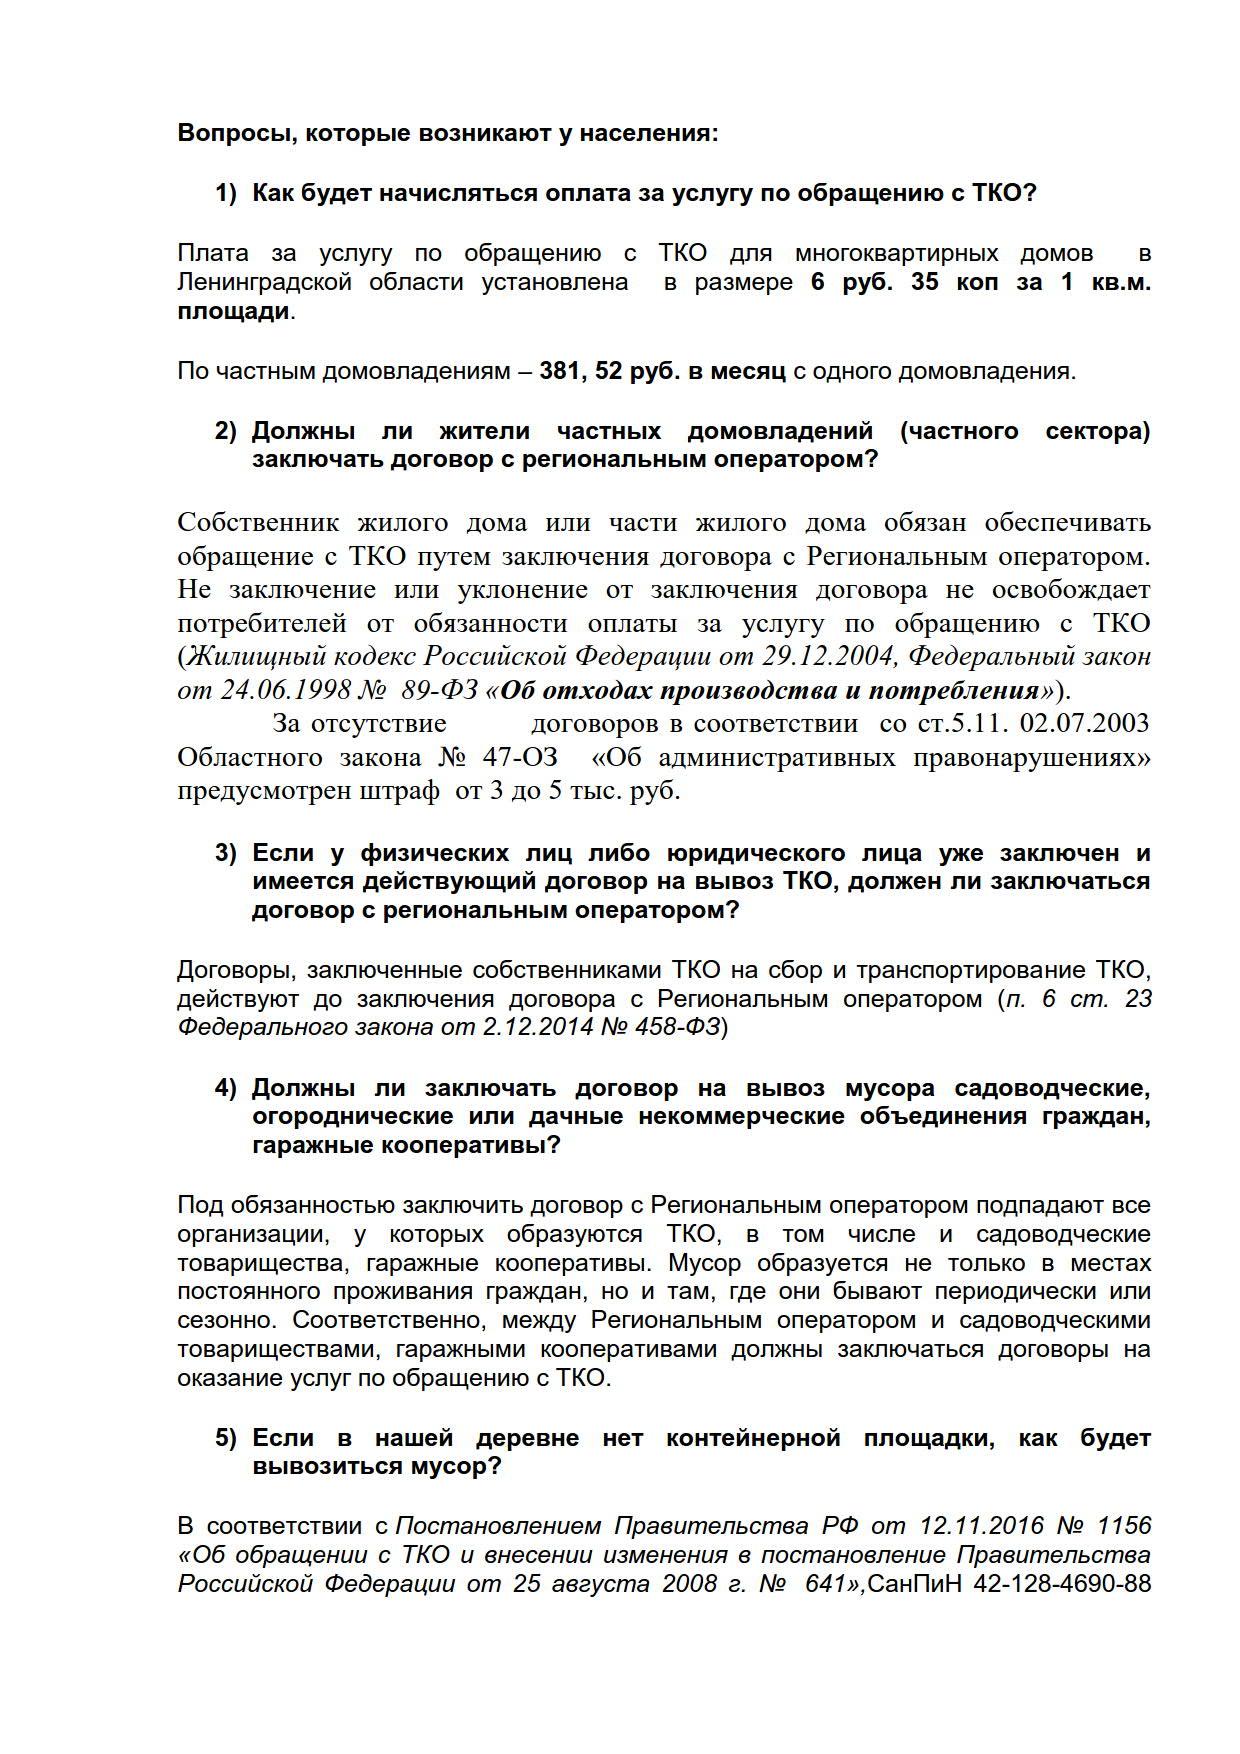 Общая информация по реформе_2